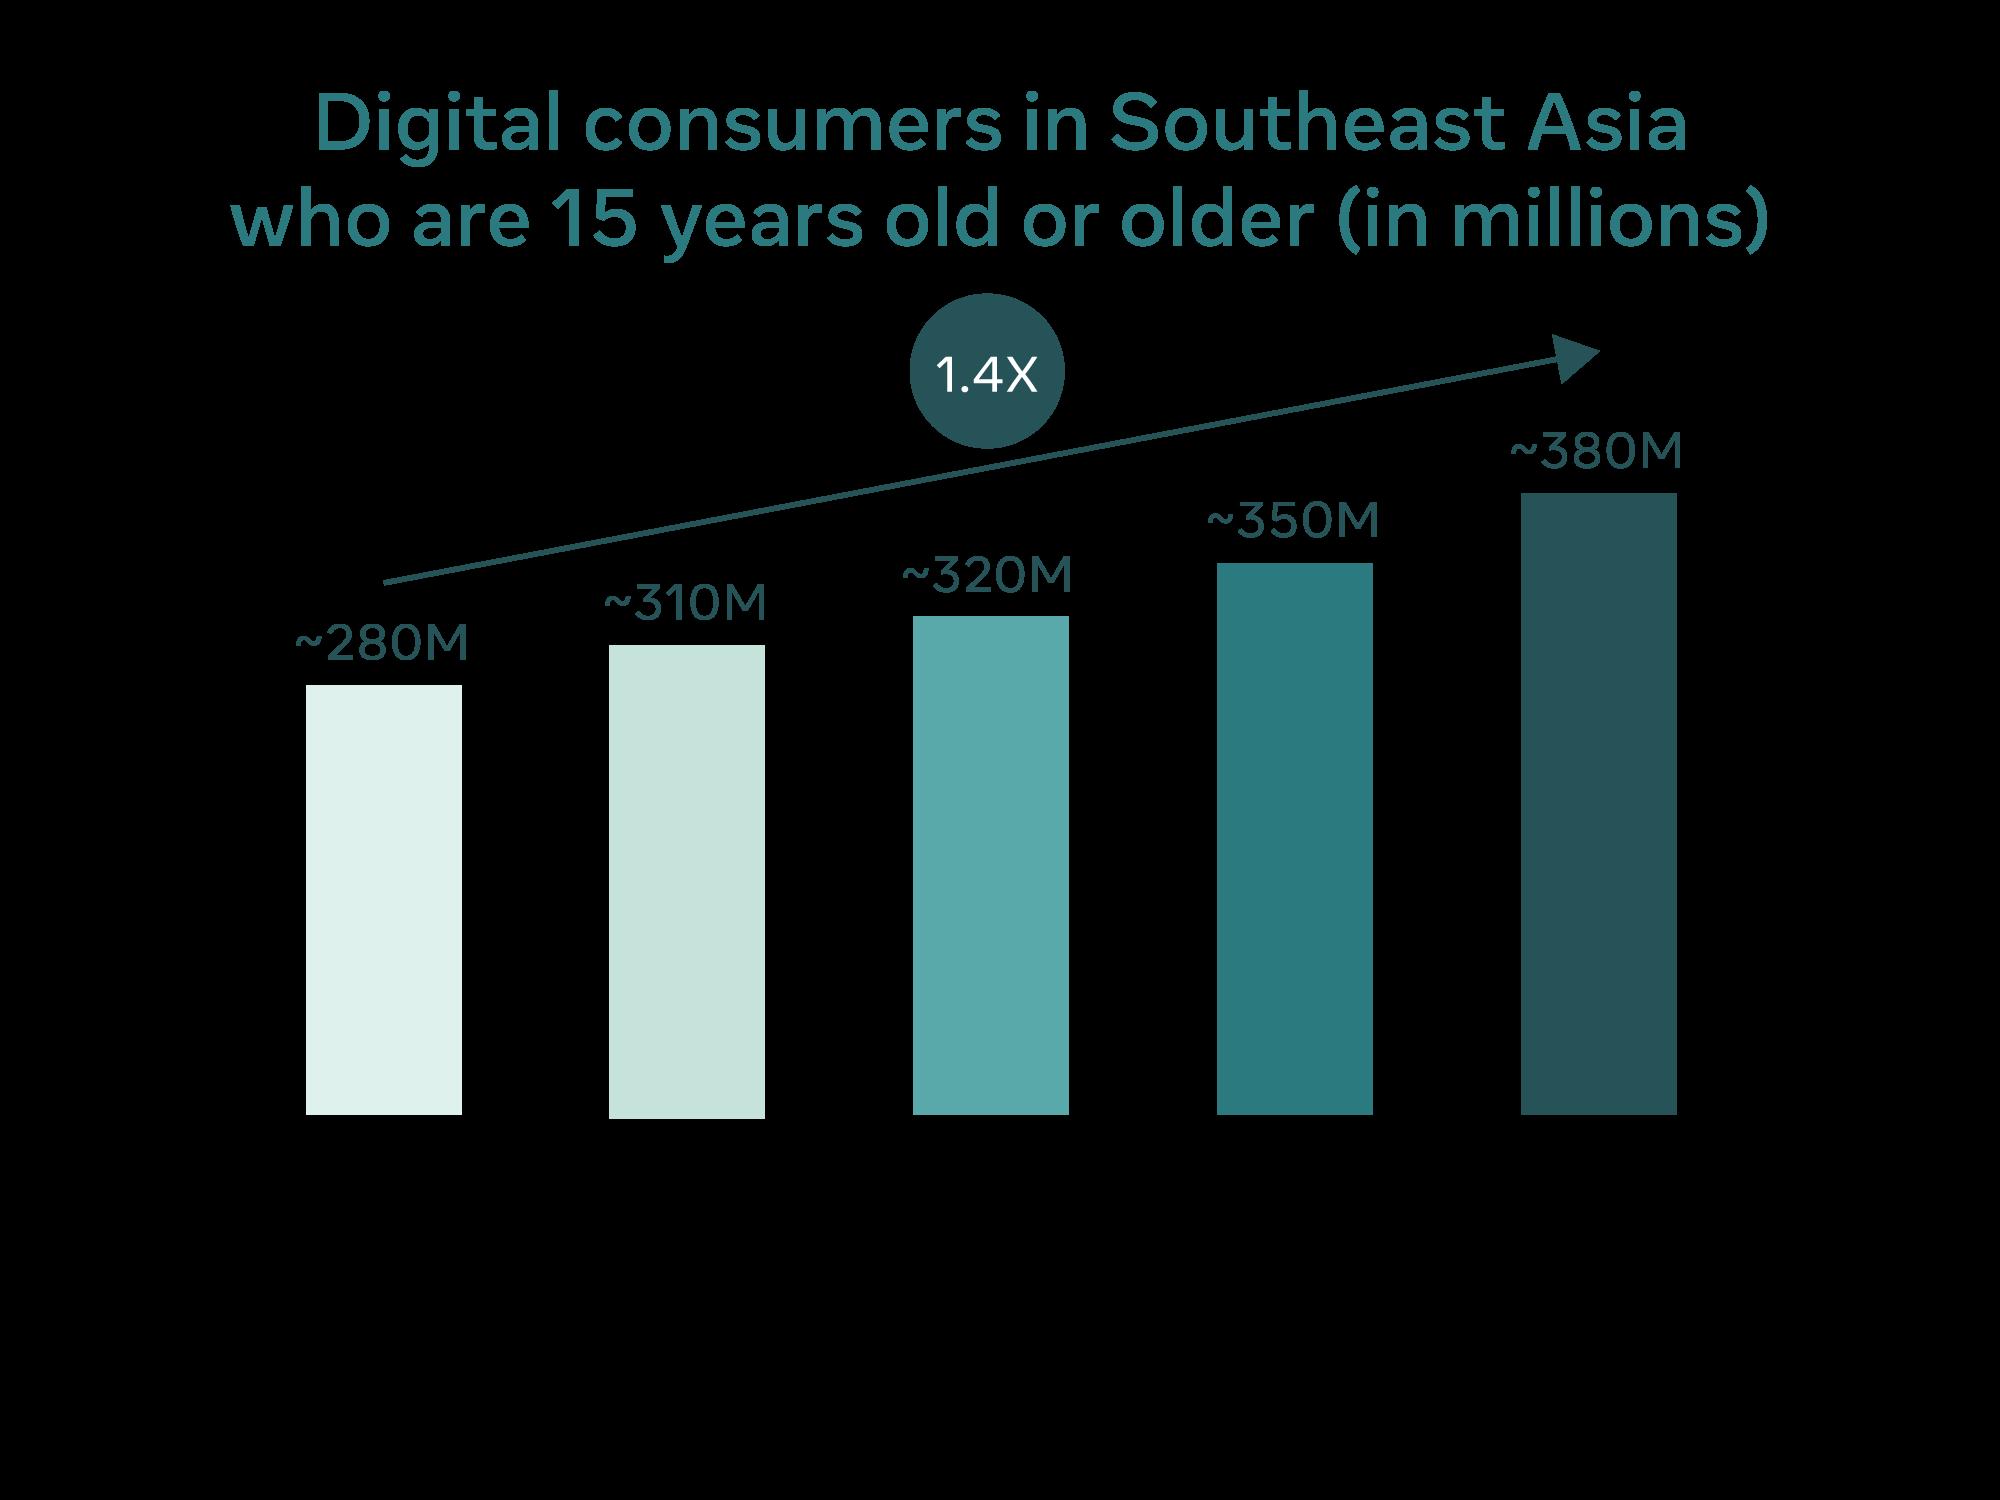 東南アジアの15歳以上のデジタル消費者の予測。2026年に3.8億人に達する見込みという。Source: Facebook, Bain & Company.